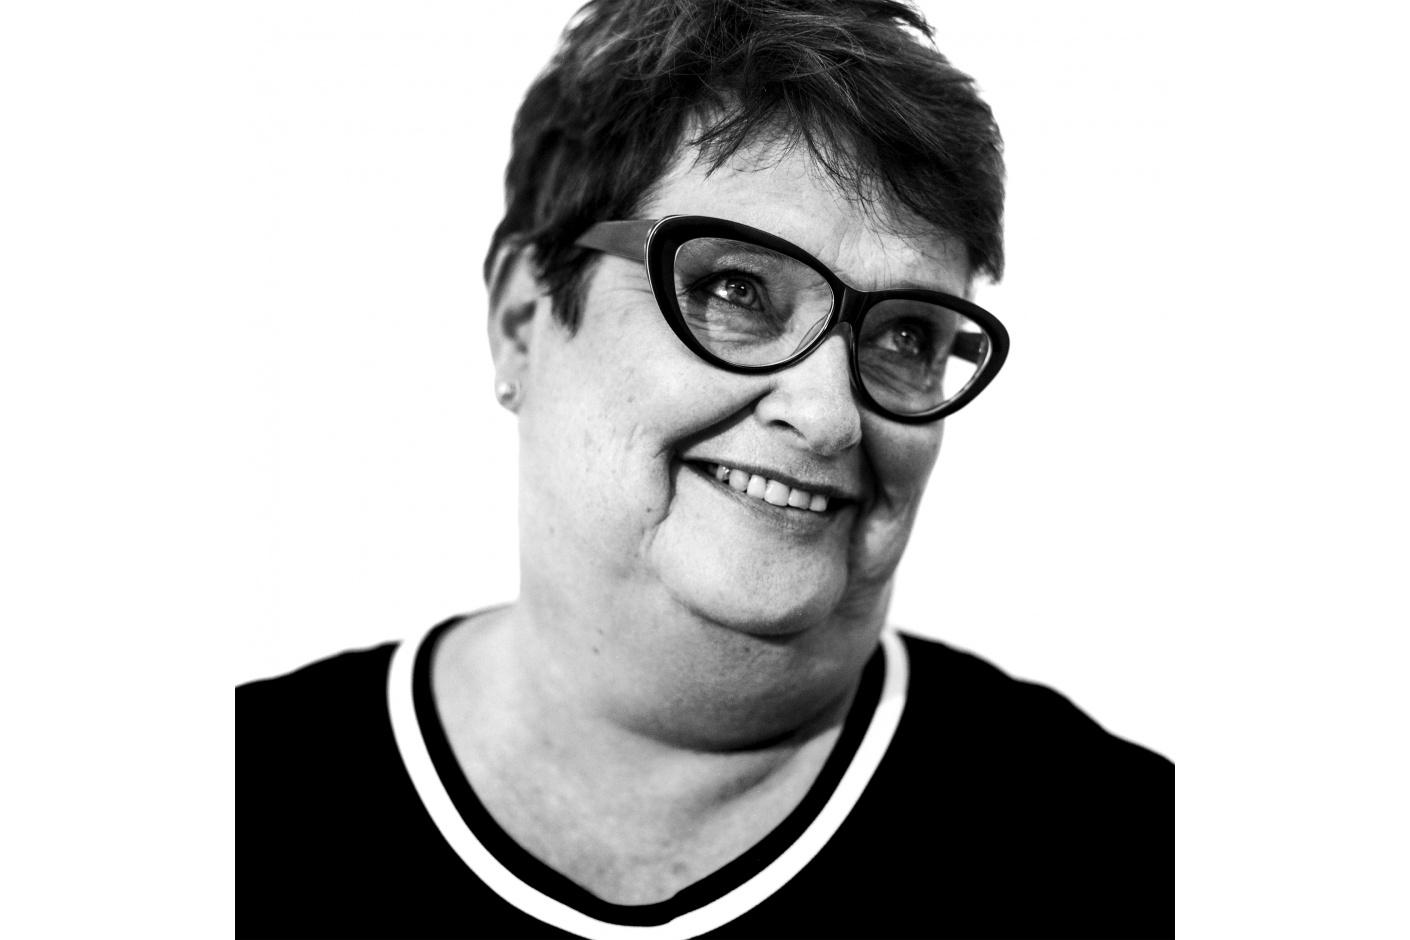 Heleen | Jelle Pieter de Boer | Hasselblad